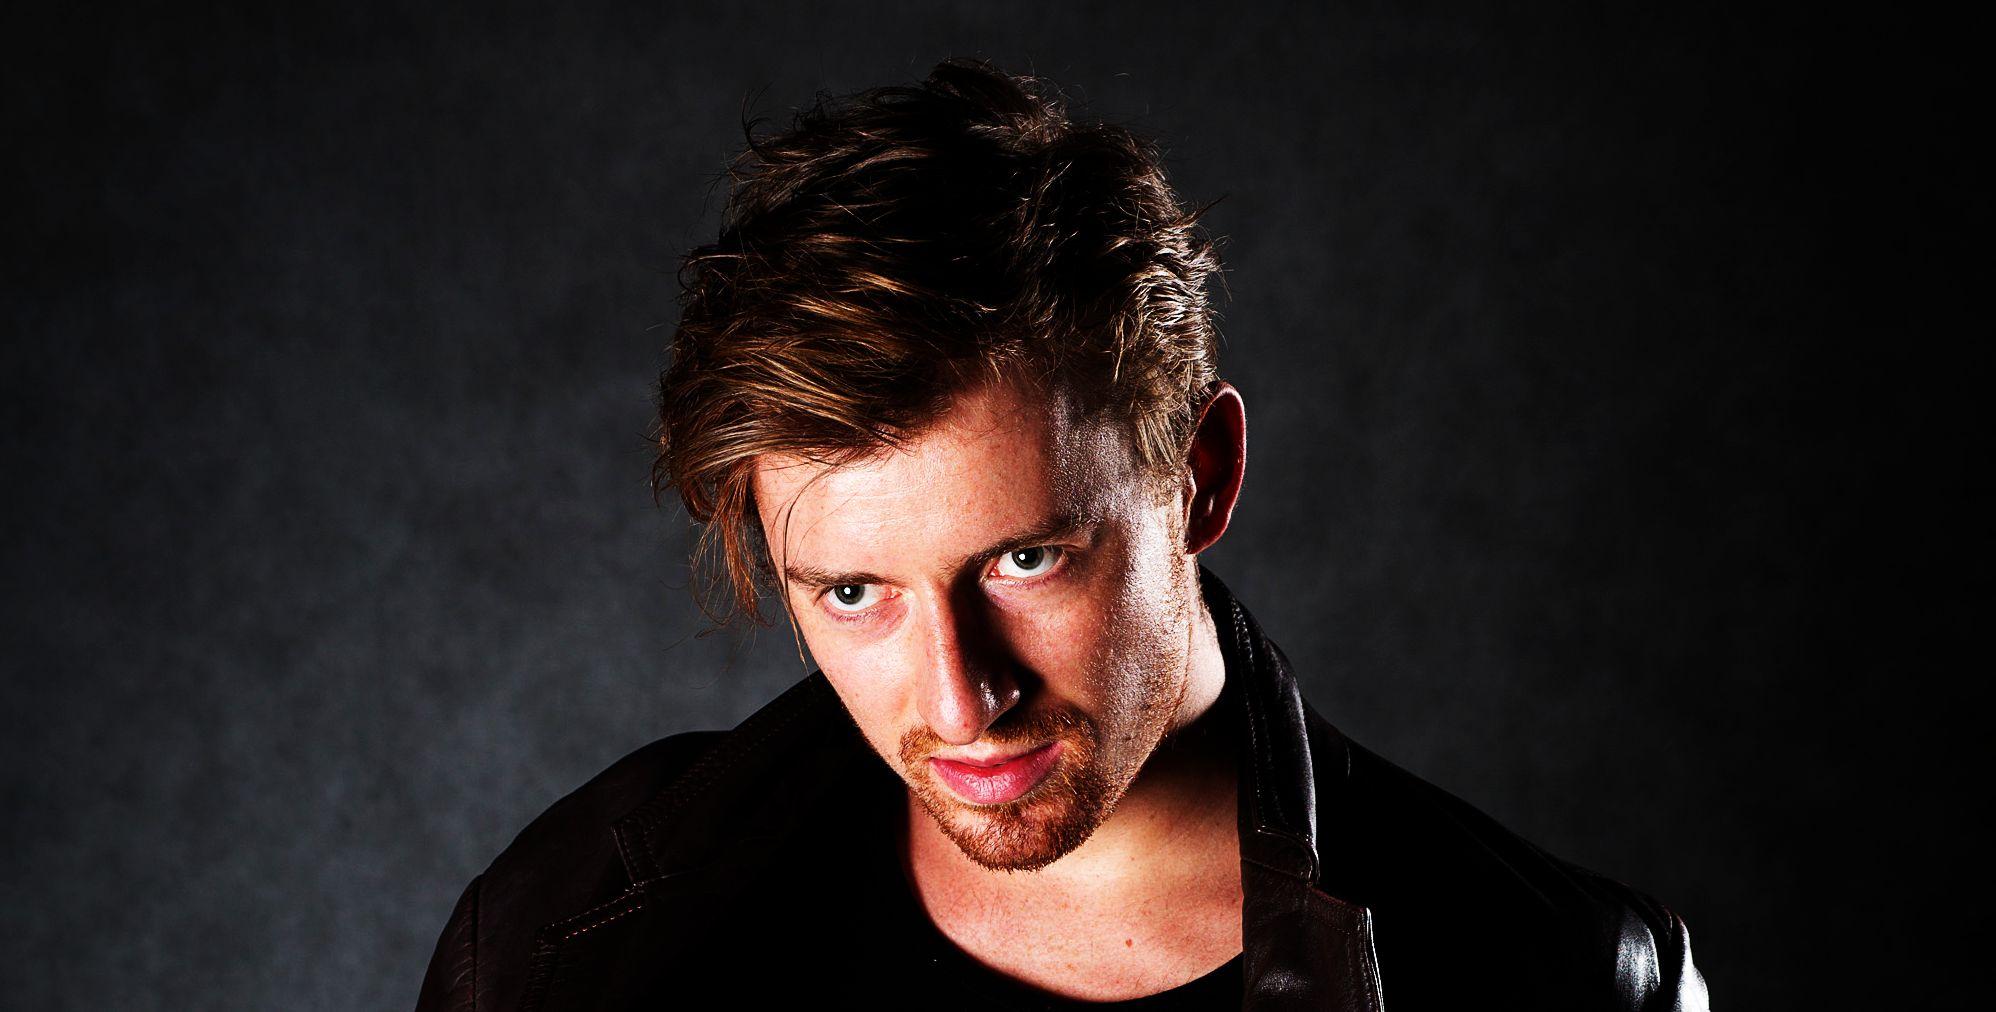 Daniel Mosior IQ ART Agencja Aktorska (5)